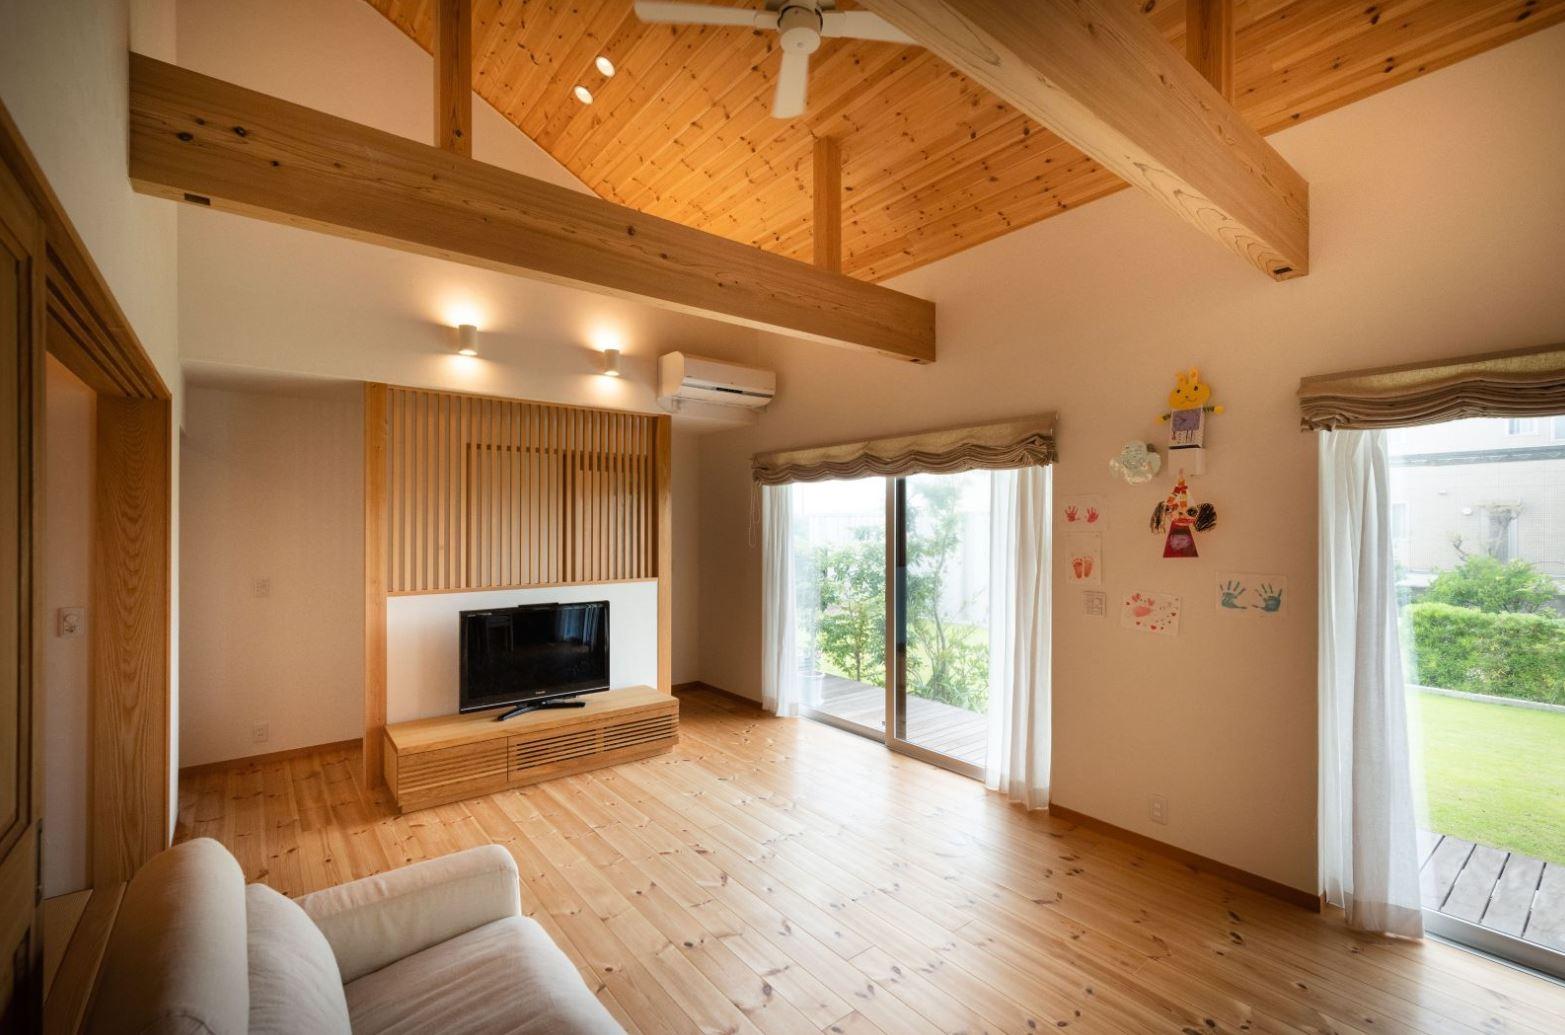 アイジースタイルハウス【子育て、自然素材、平屋】大きな開口部から庭を眺めながら過ごせるリビング。天井の羽目板と南北に走る太い梁が安心感を与える。テレビ背面の格子がアクセントに